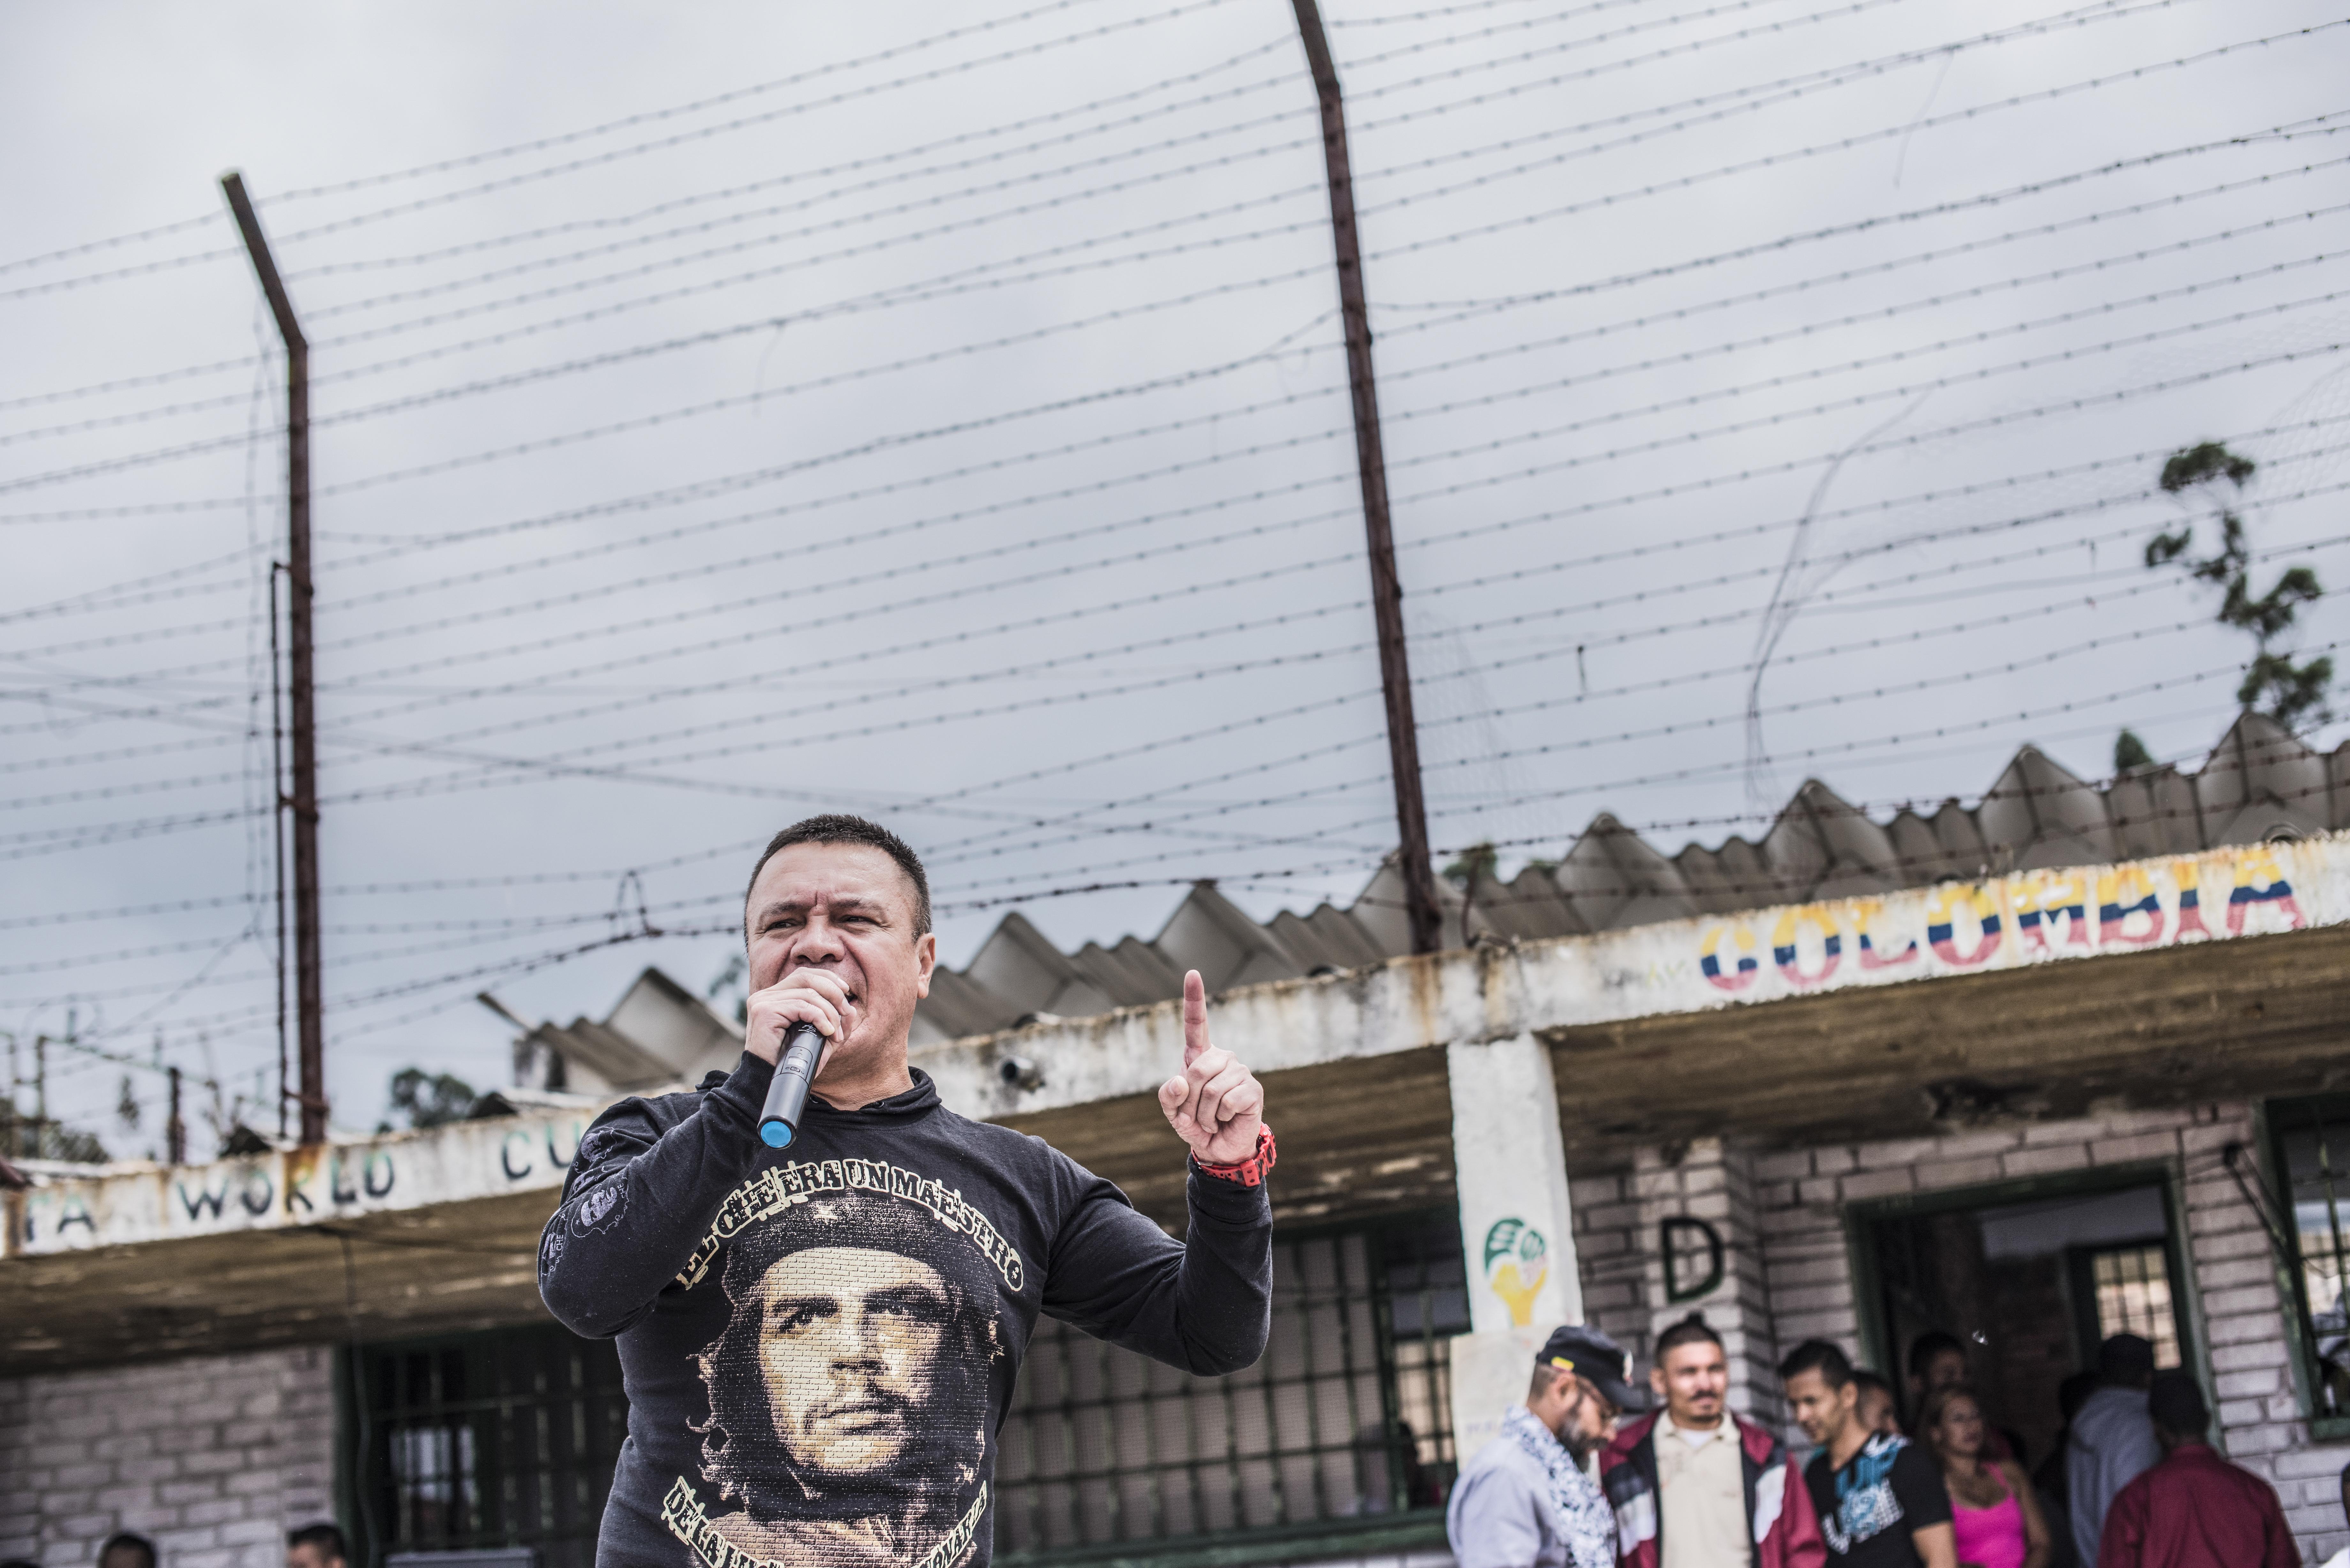 Liberado un funcionario de la ONU que estaba secuestrado por un grupo disidente de las FARC Univision